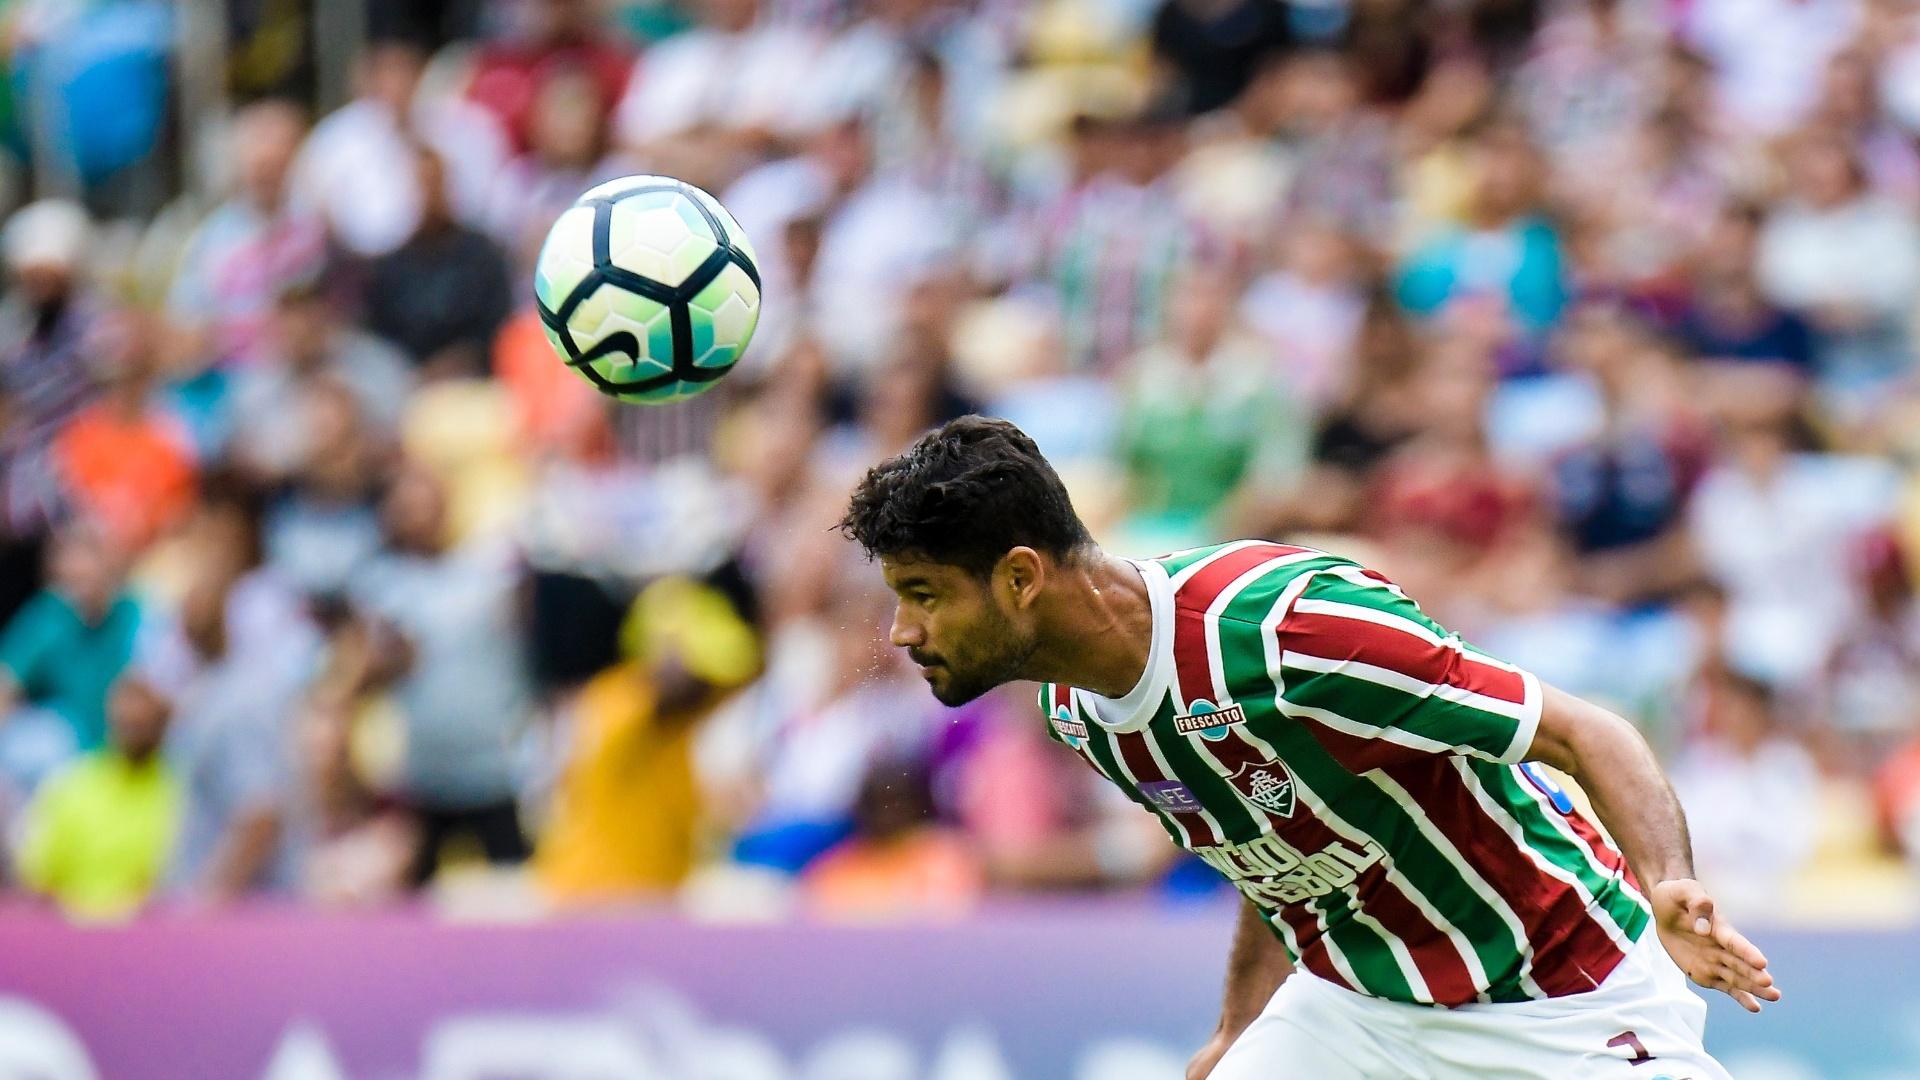 O zagueiro Gum, do Fluminense, toca a bola de cabeça no jogo contra o Avaí